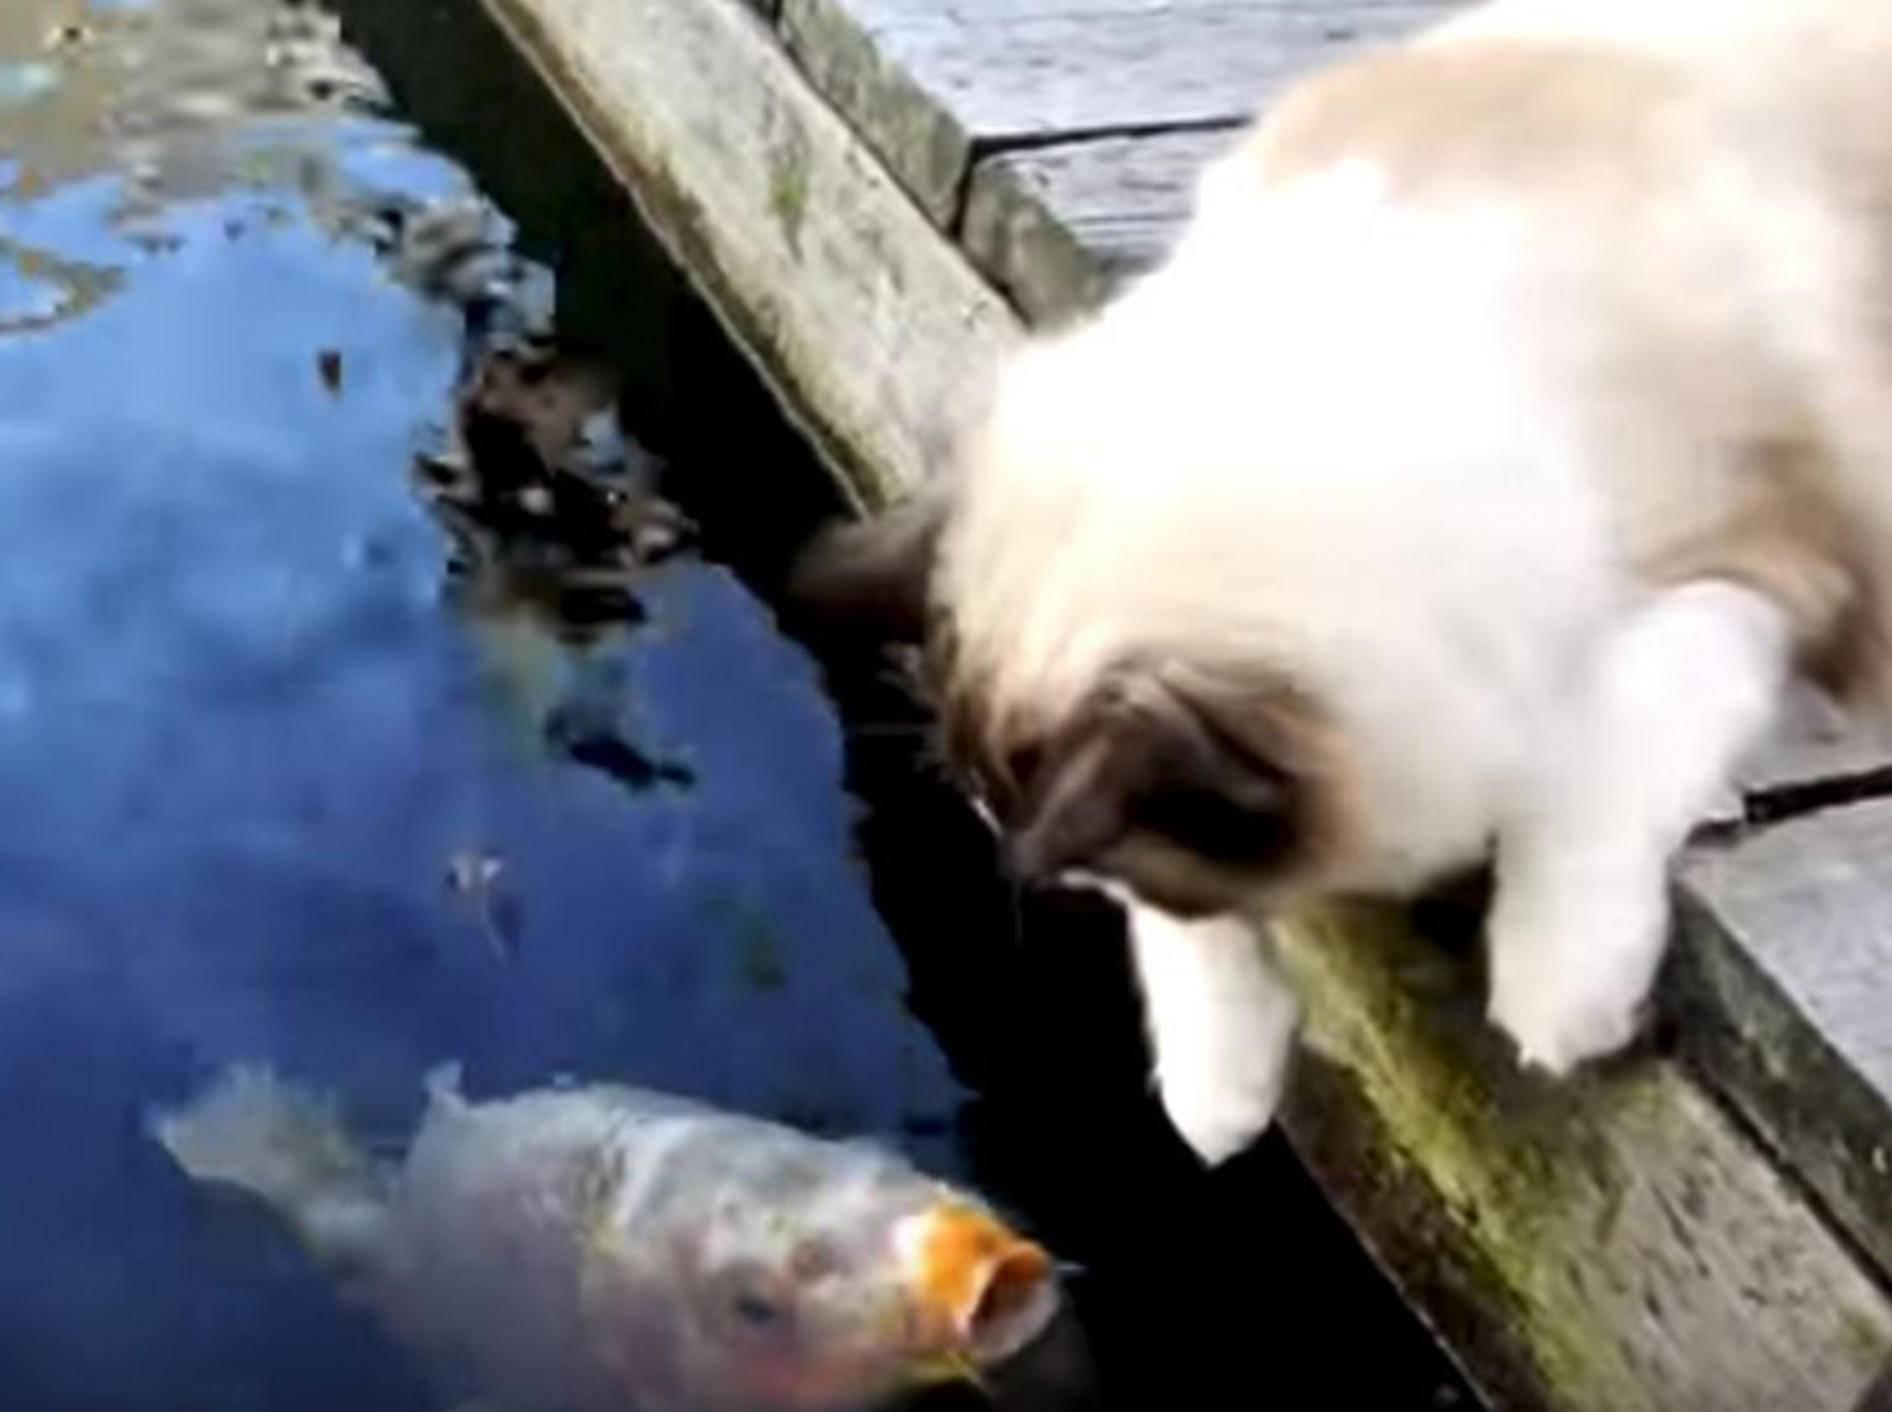 Ragdoll-Kater Timo spielt mit seinen Koi-Freunden - Bild: YouTube / ViralHog